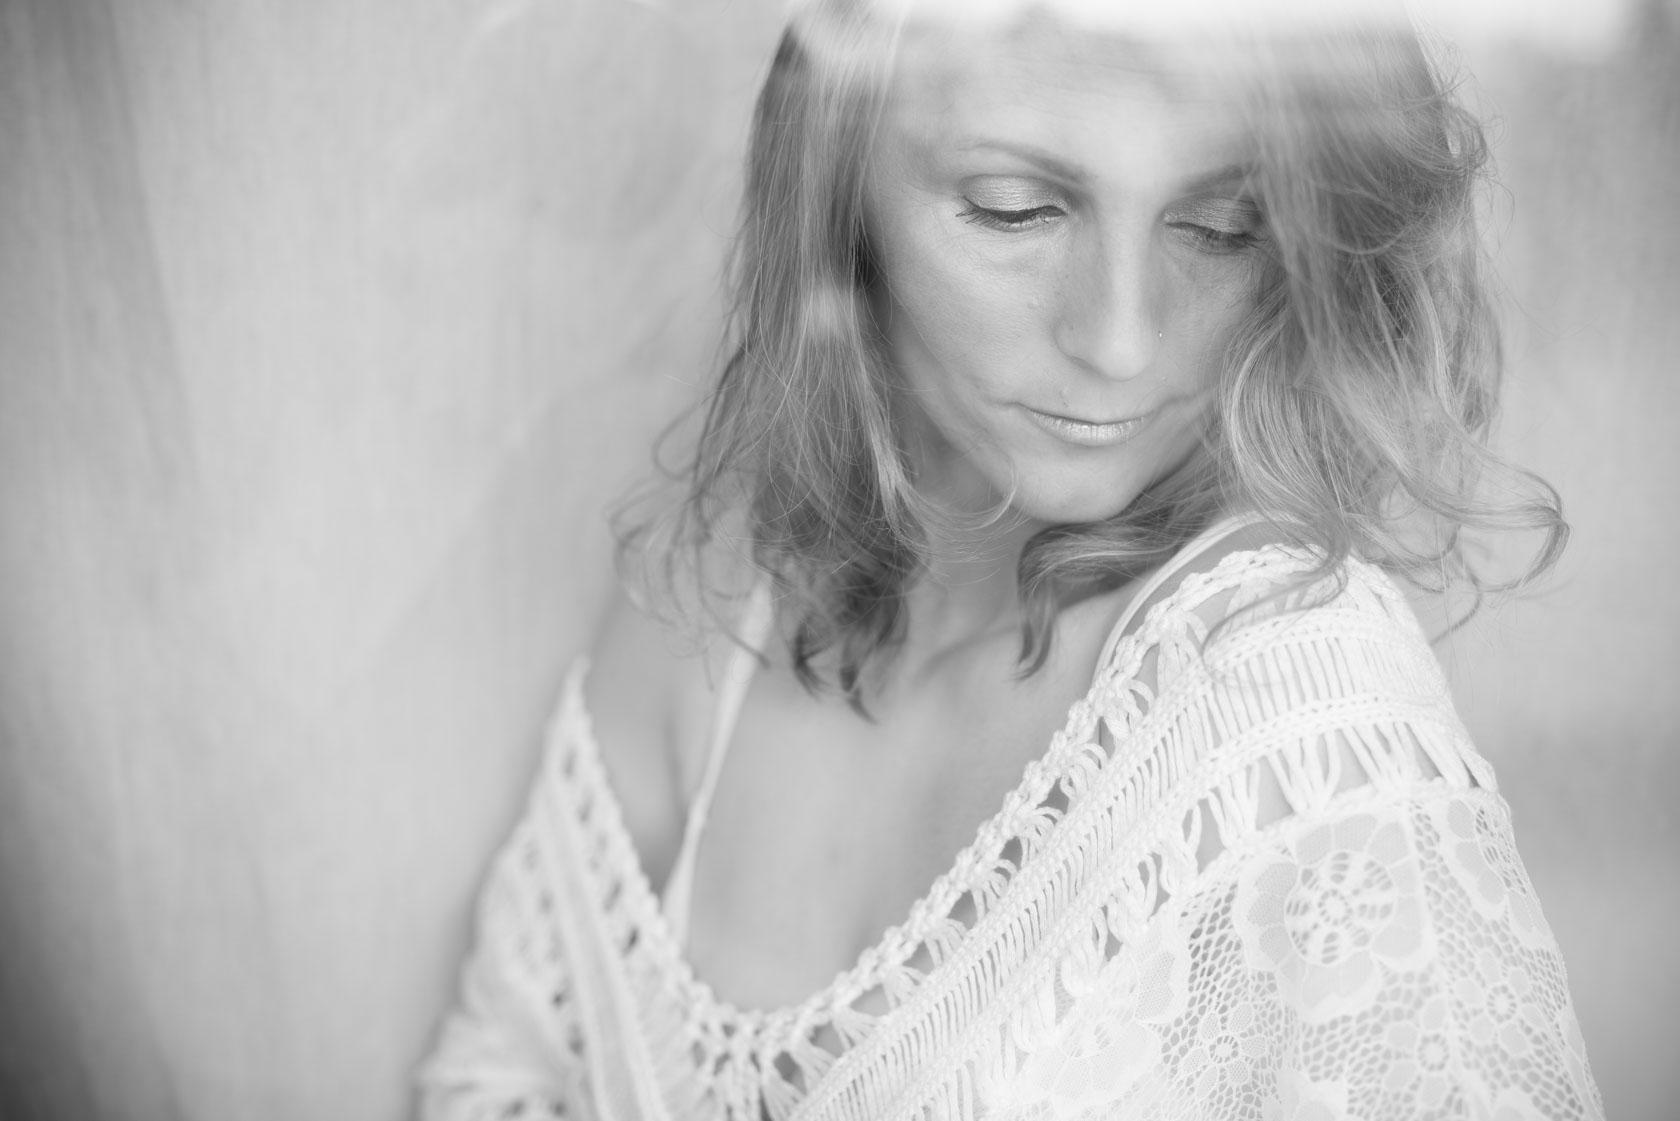 https://www.stefanhill.net/wp-content/uploads/2017/06/Sinnliches-Boudoir-Fotoshooting-mit-Barbara-in-Stuttgart_0011.jpg